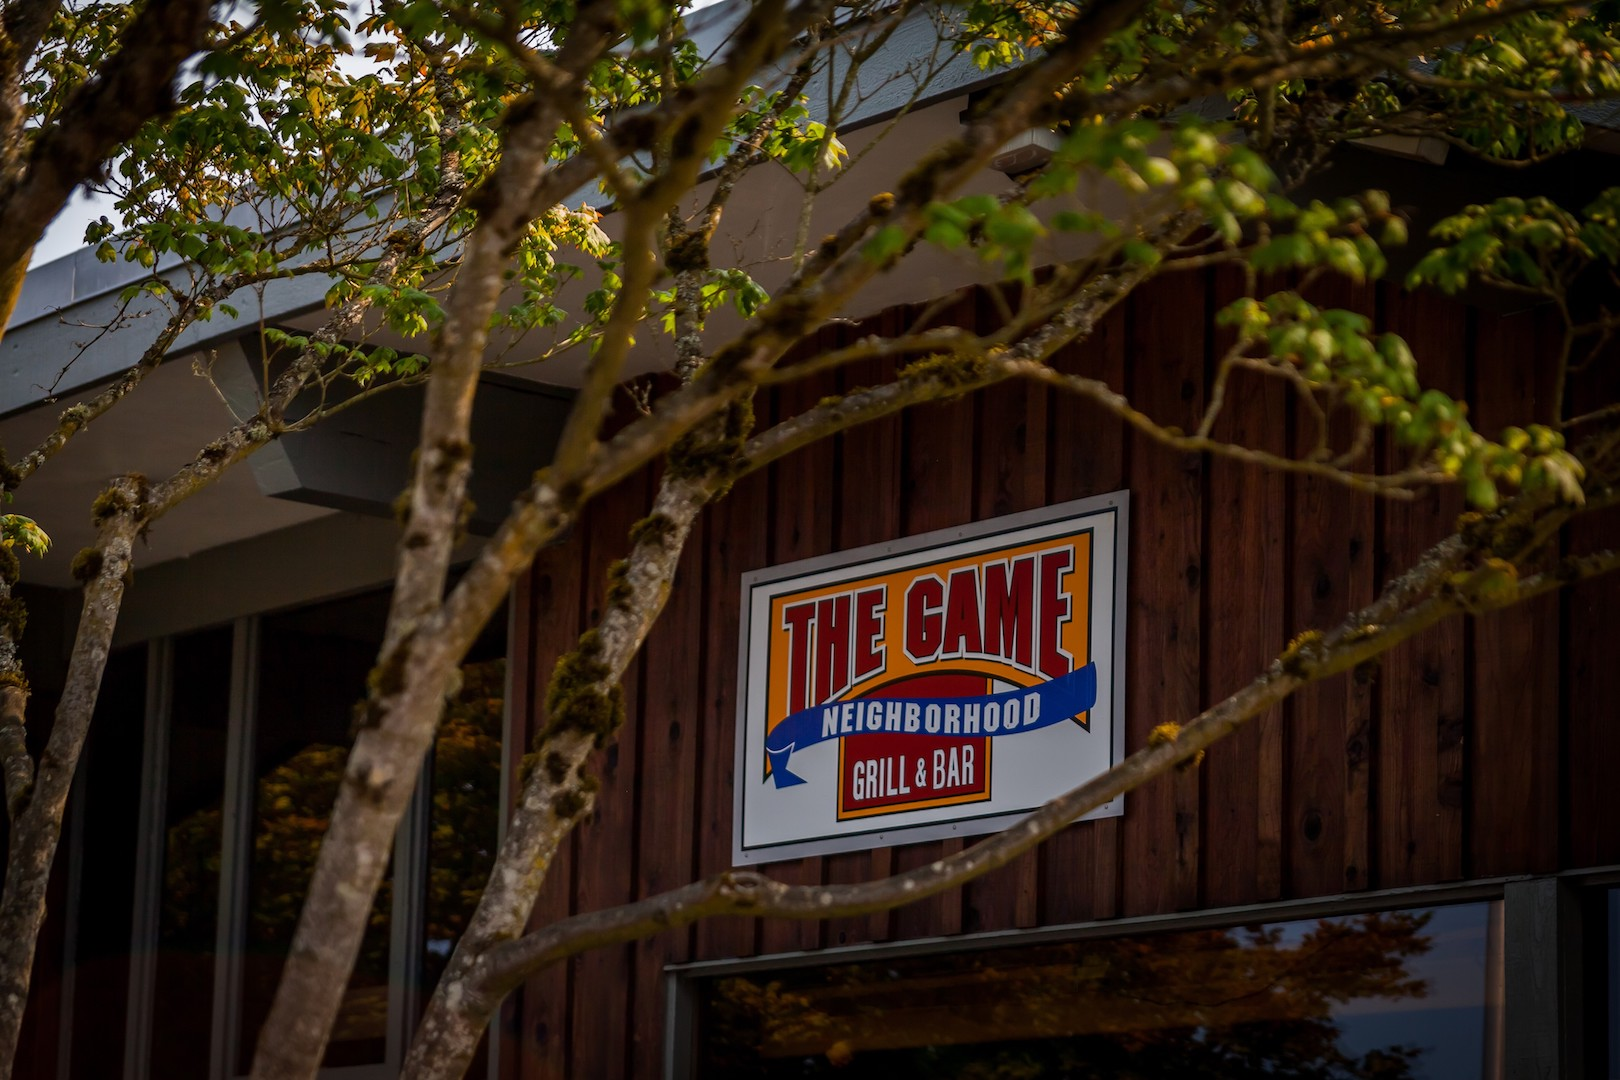 THE GAME NEIGHBORHOOD BAR & GRILL